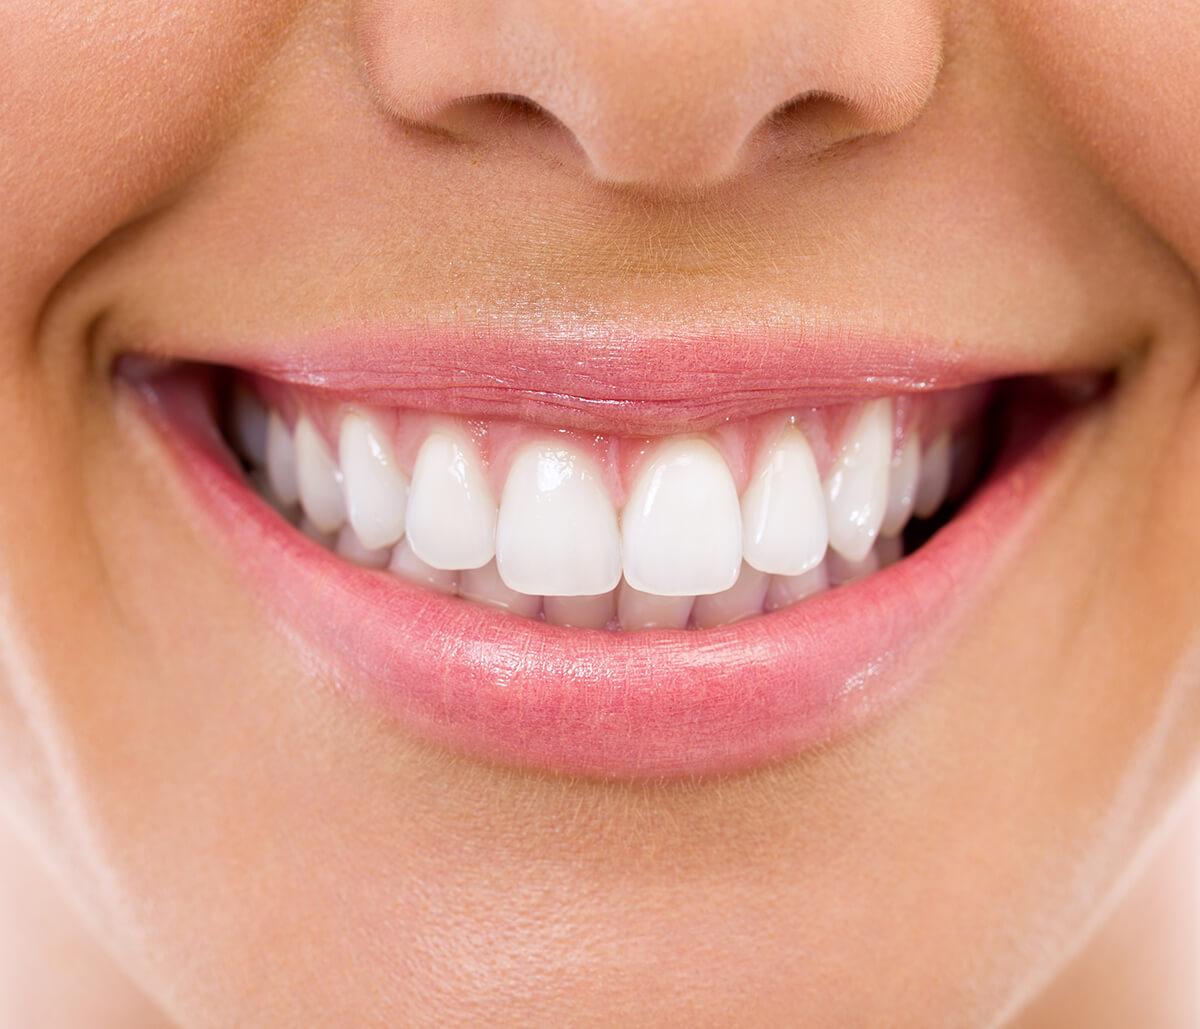 Who Has Affordable Teeth Veneers in Charleston, SC Area?